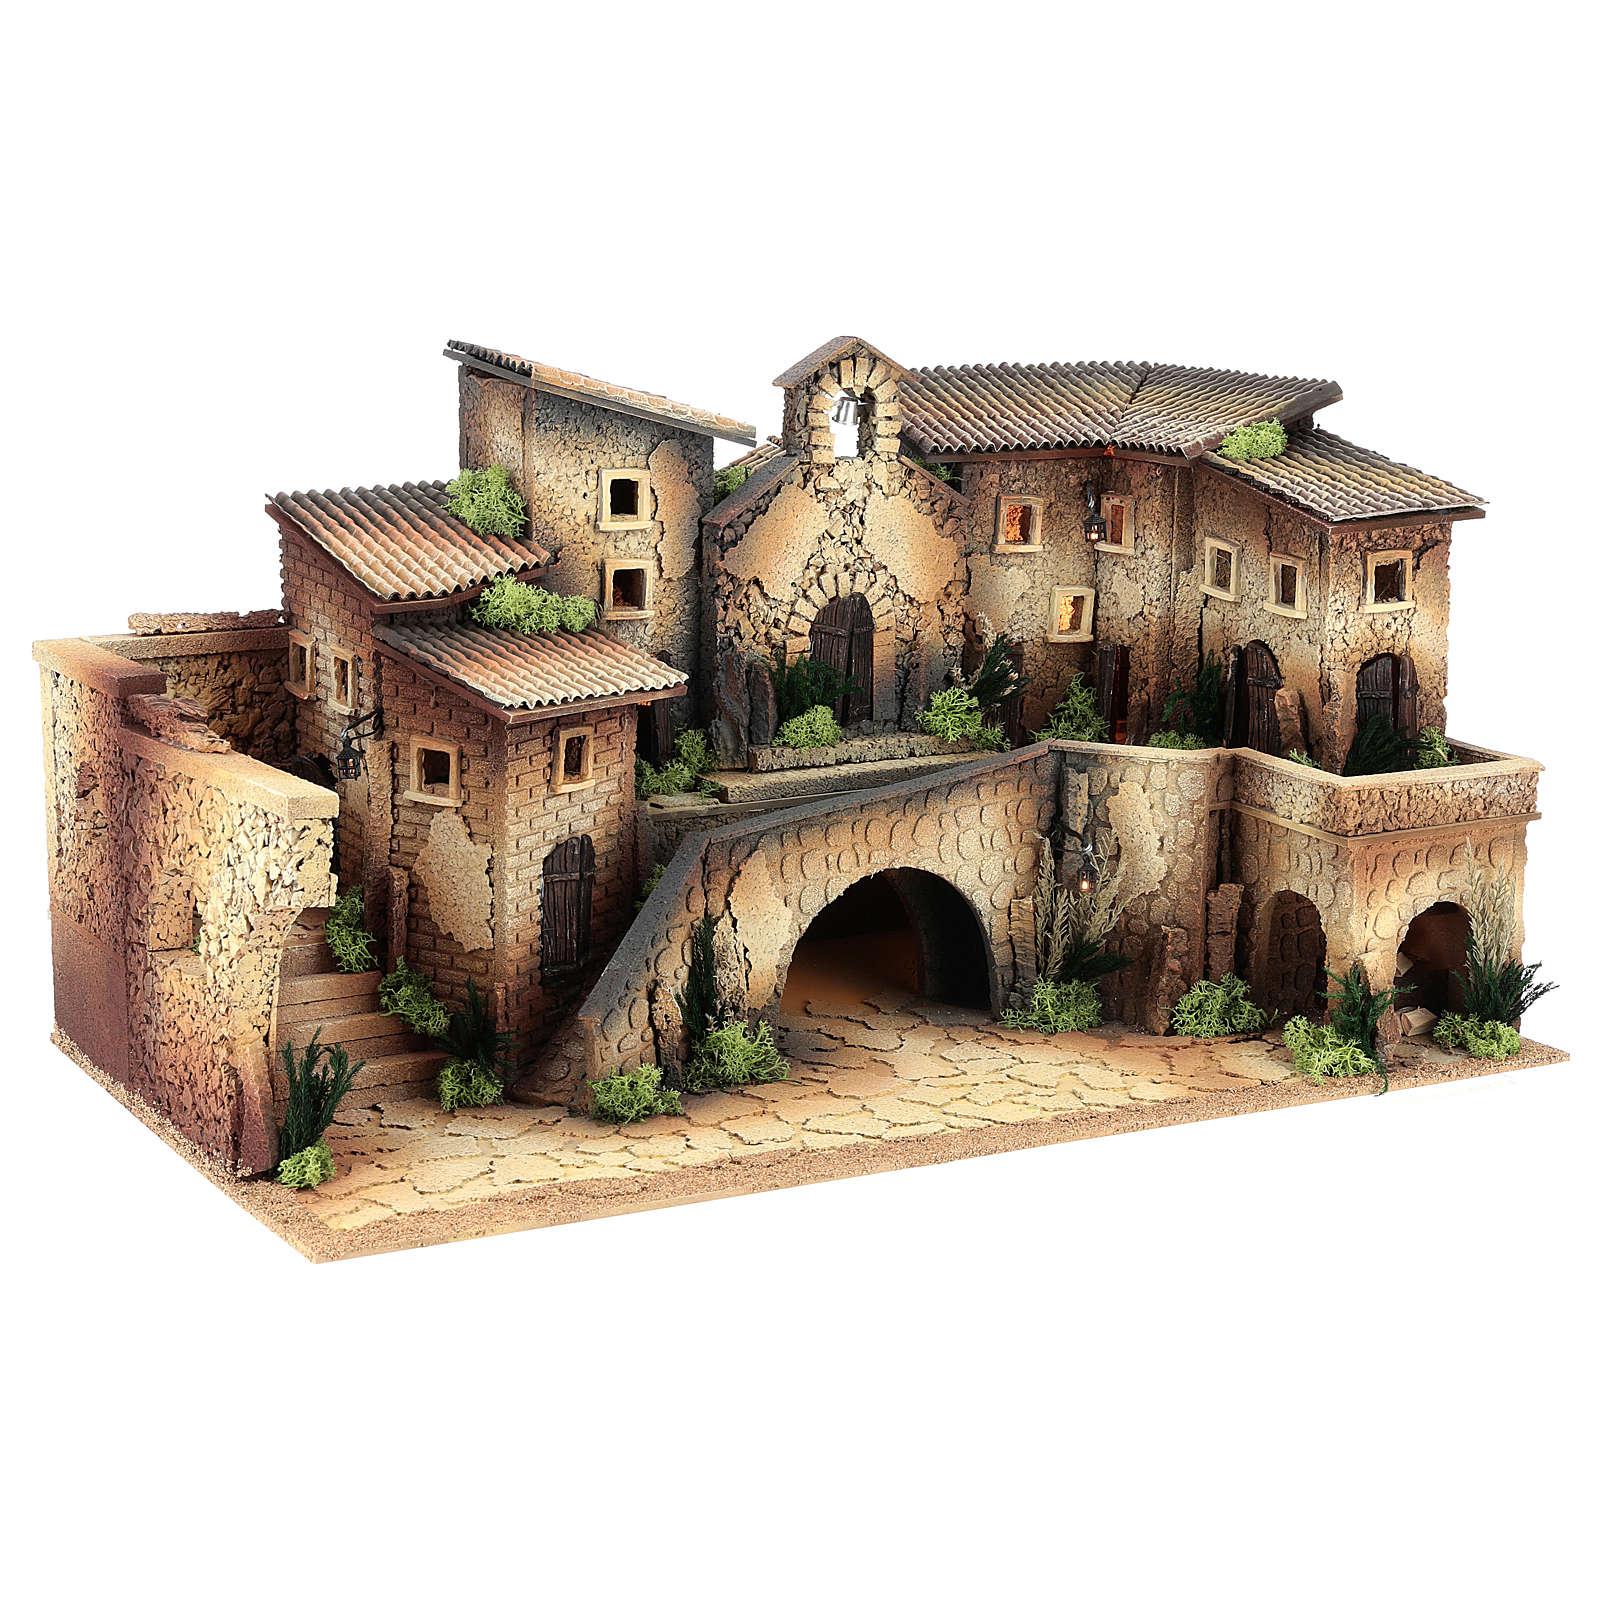 Décor crèche 6 cm avec église 40x70x40 cm 4